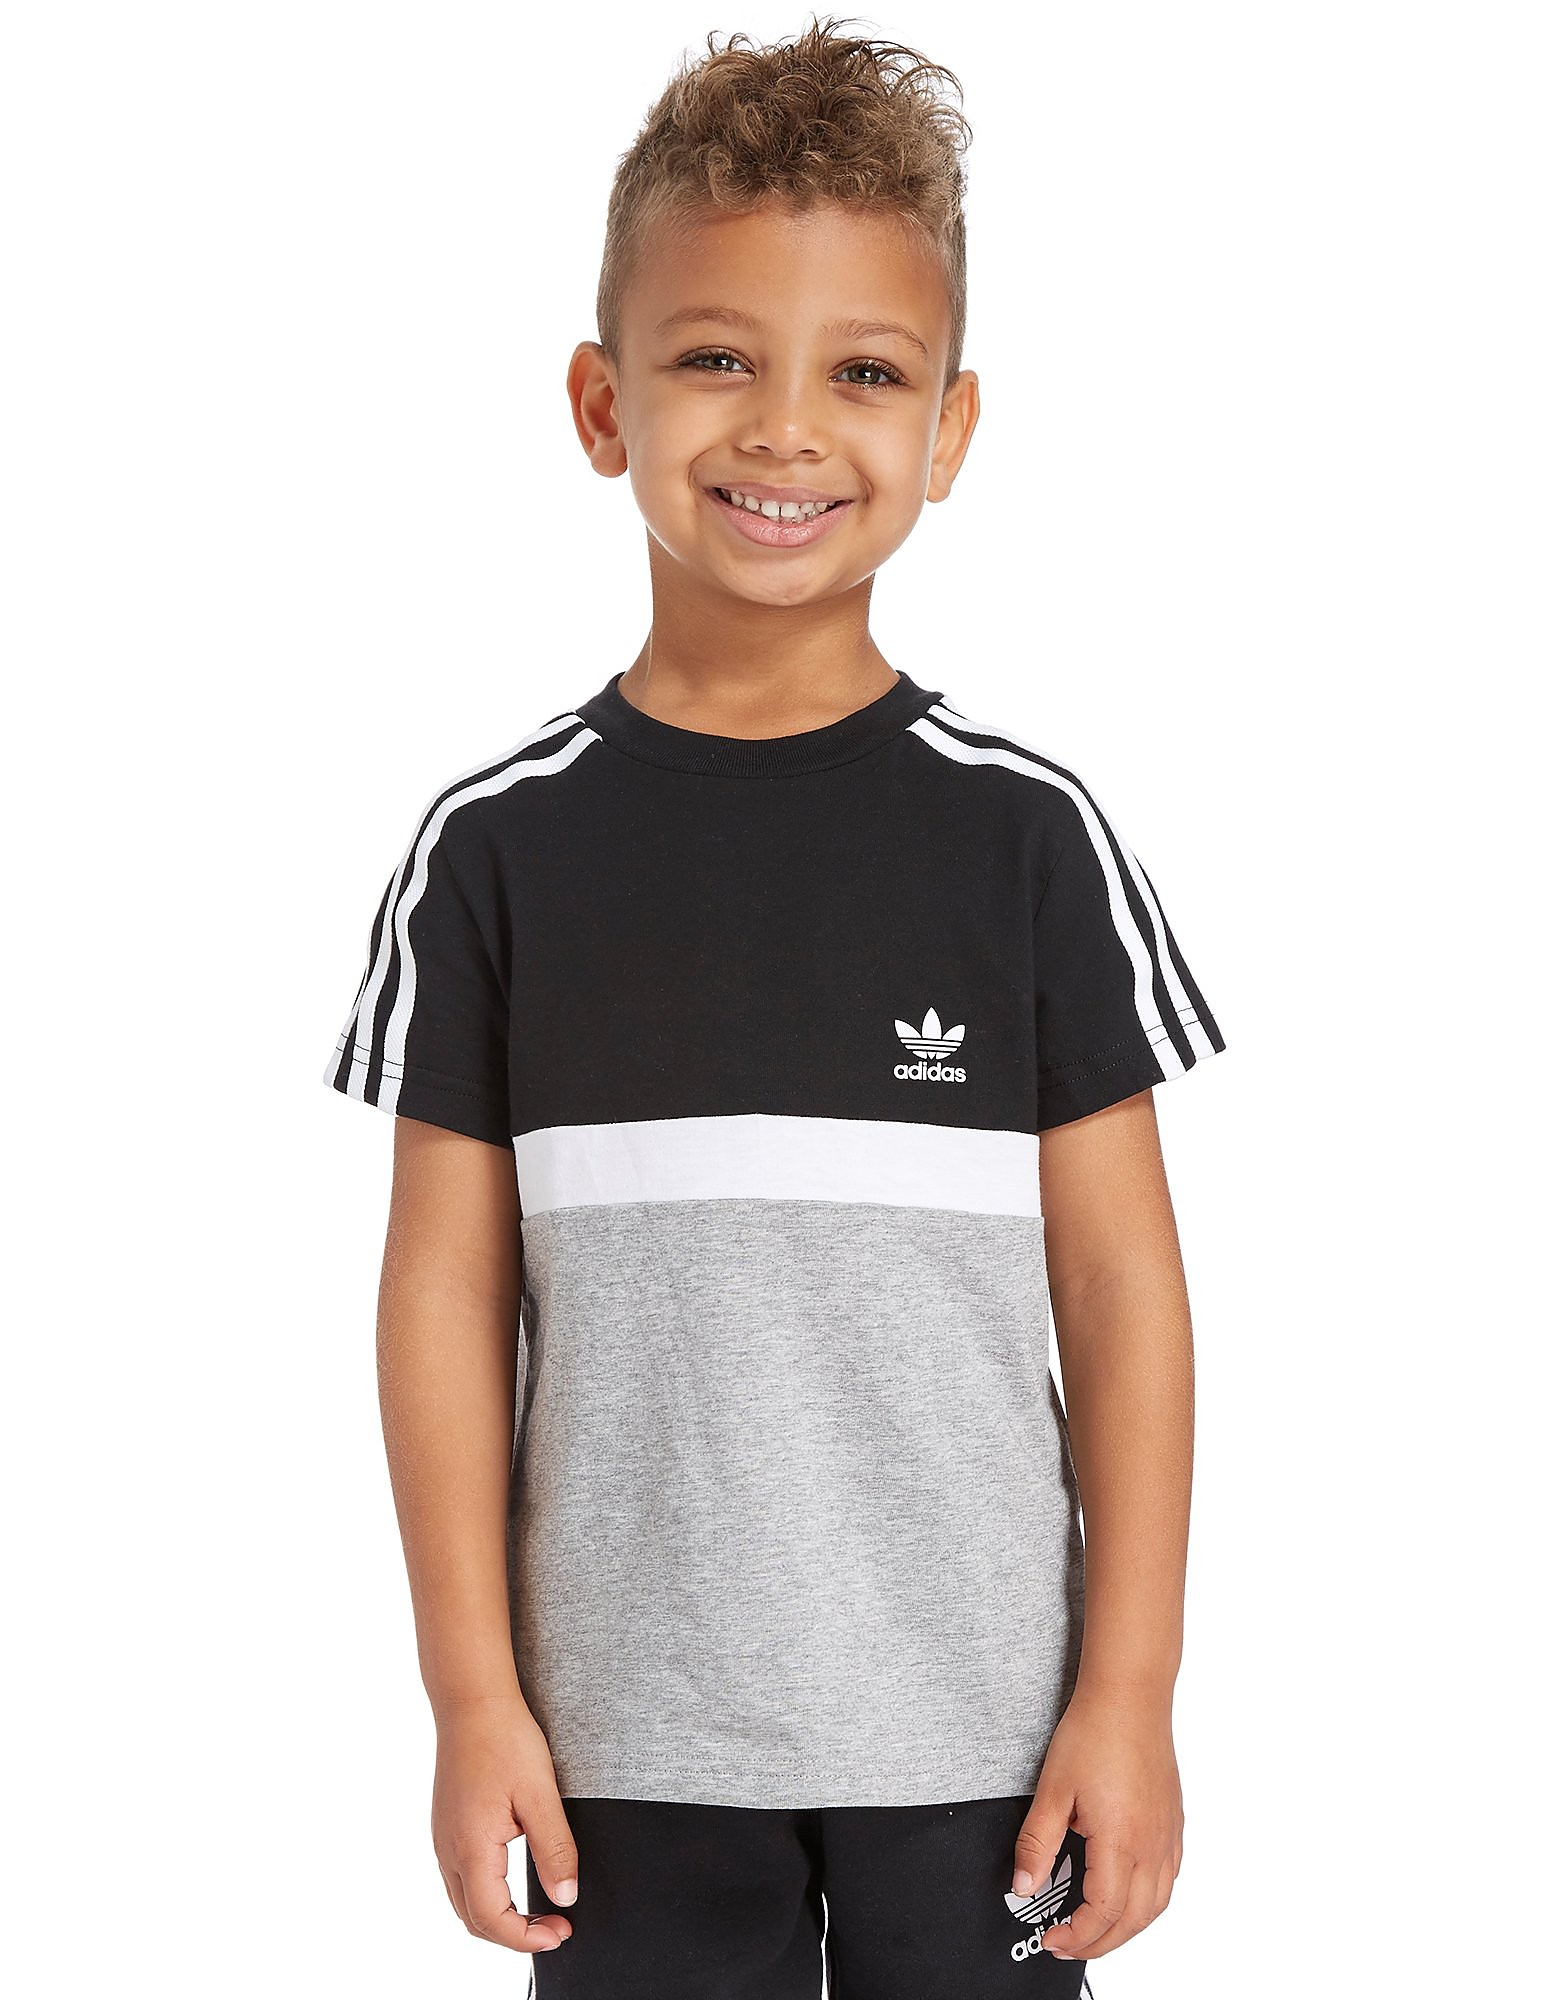 adidas Originals camiseta Itasca infantil